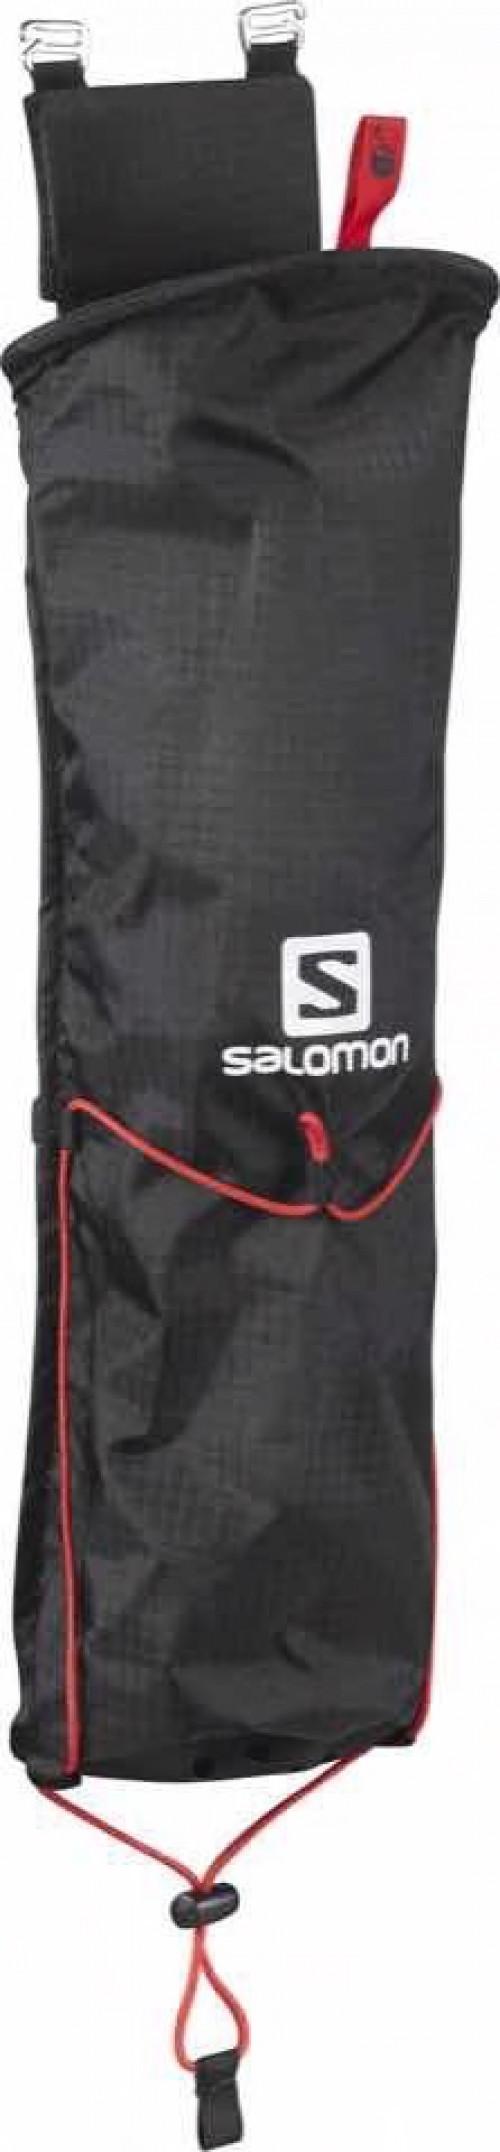 Salomon Custom Quiver Black NS